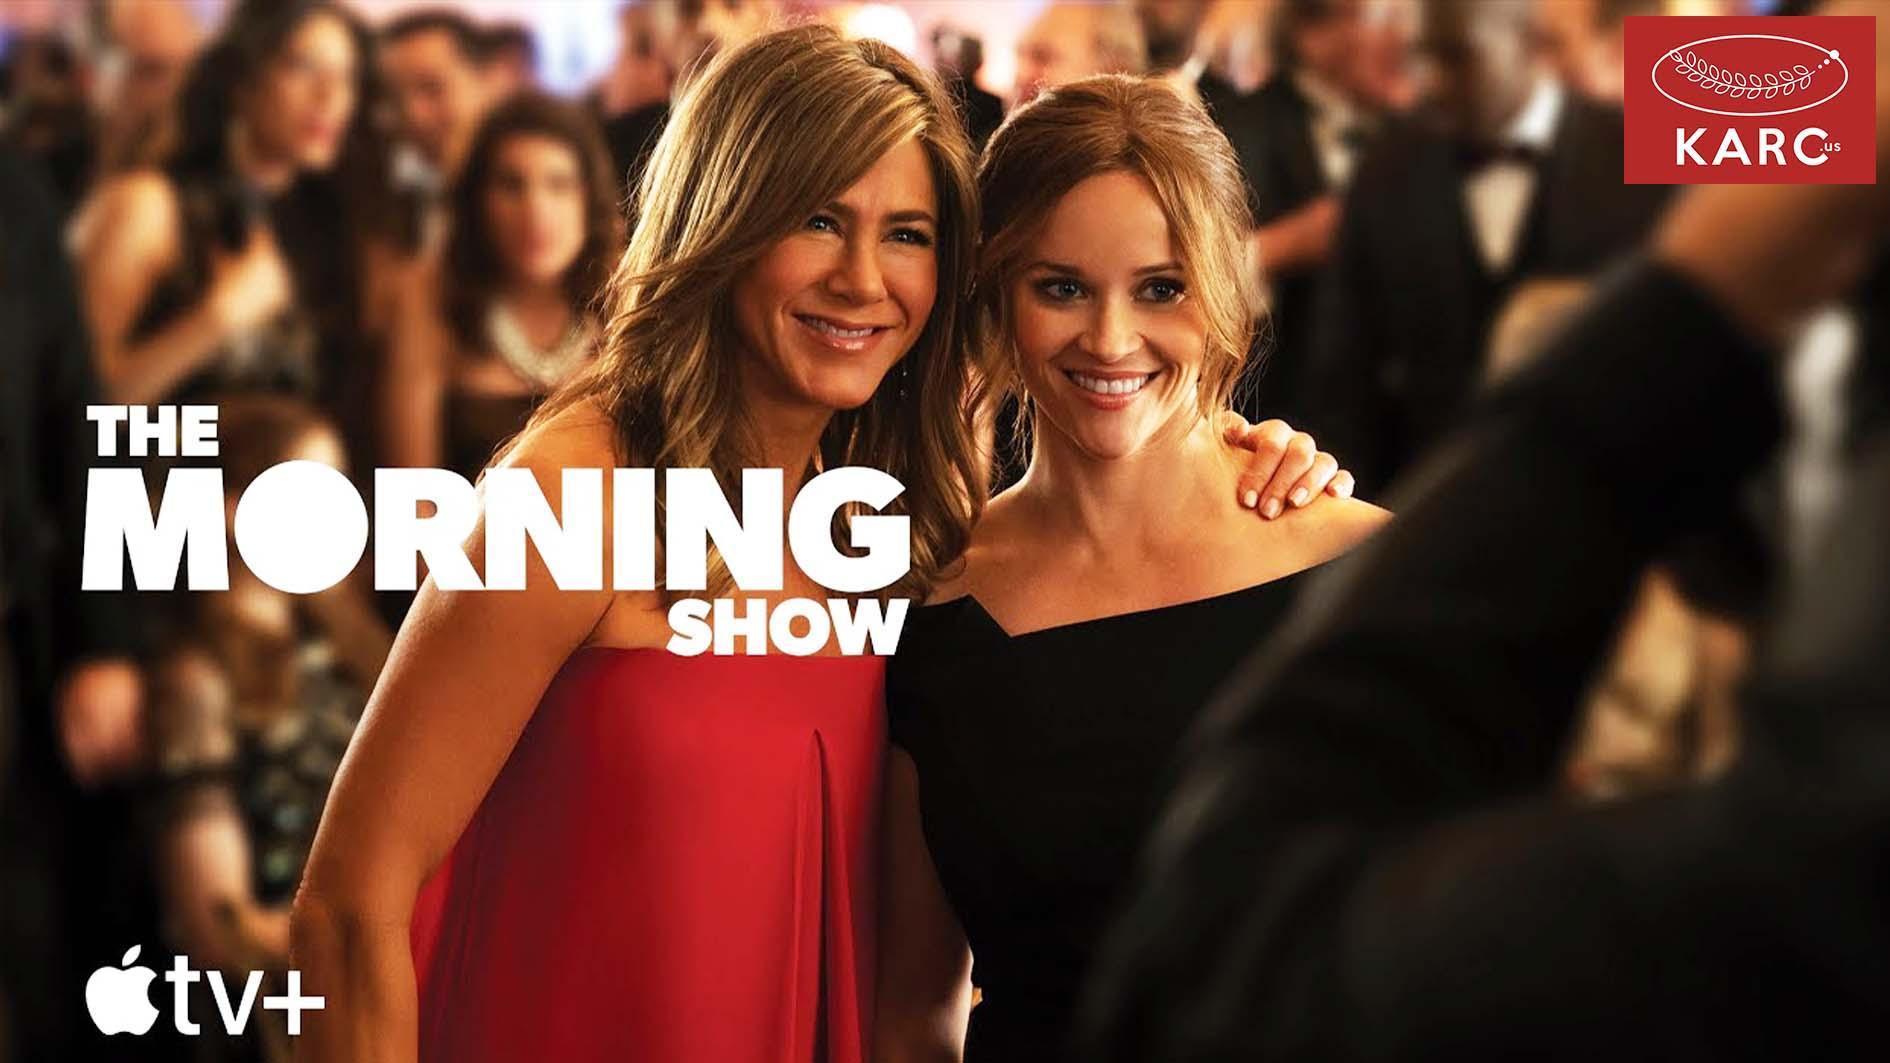 รีวิว The Morning Show ซีรี่ย์น้ำดี จาก (Apple TV+) - Karc.us